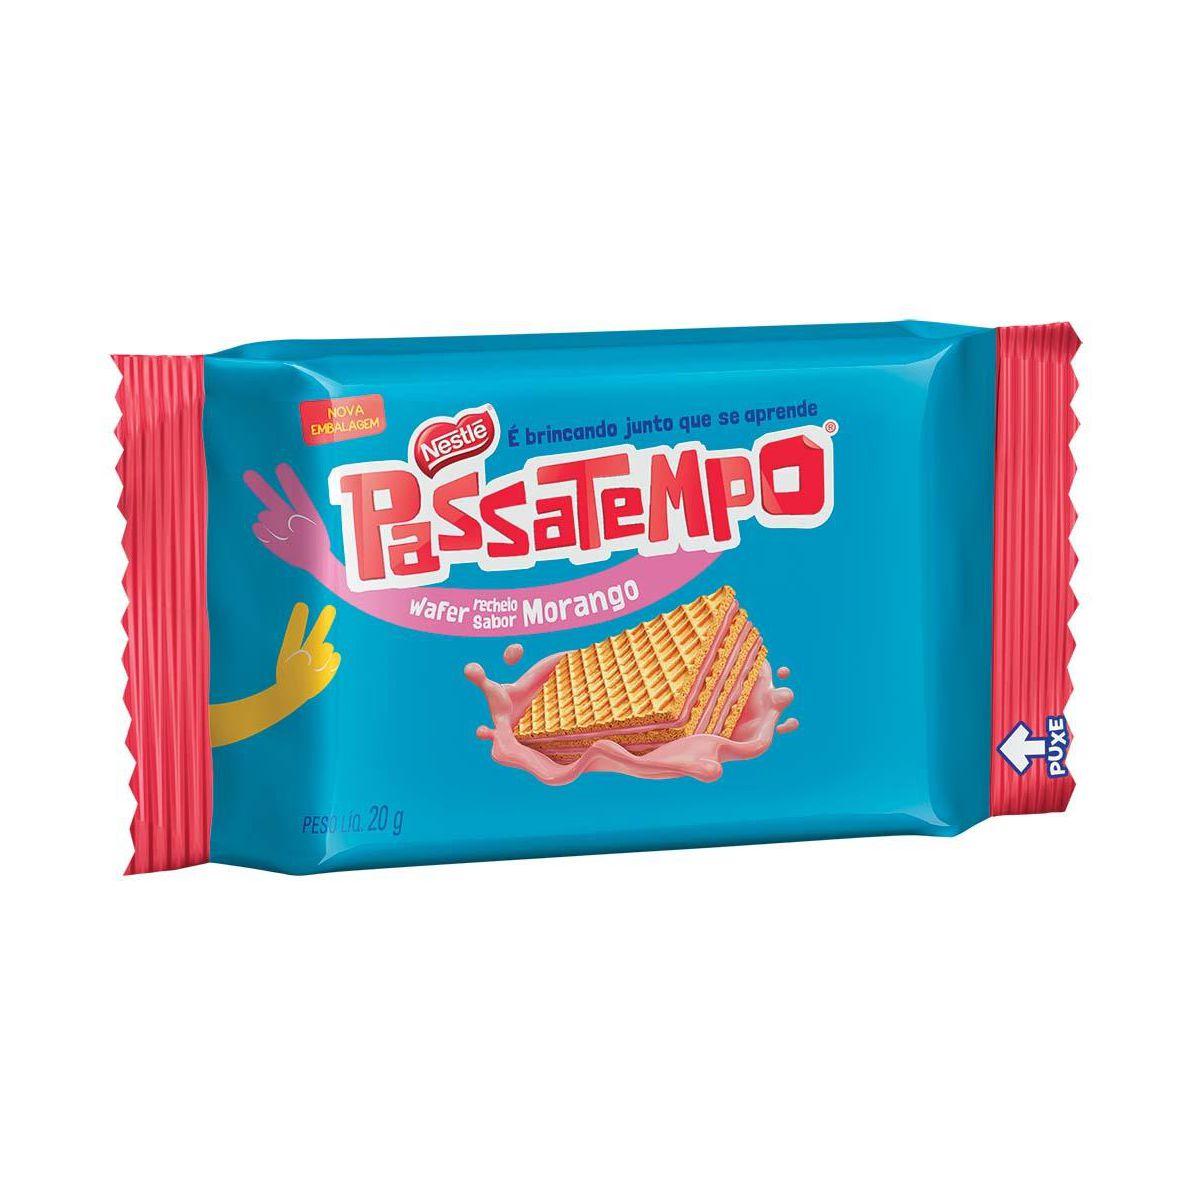 Biscoito wafer sabor morango 20g Passatempo em sachês UN